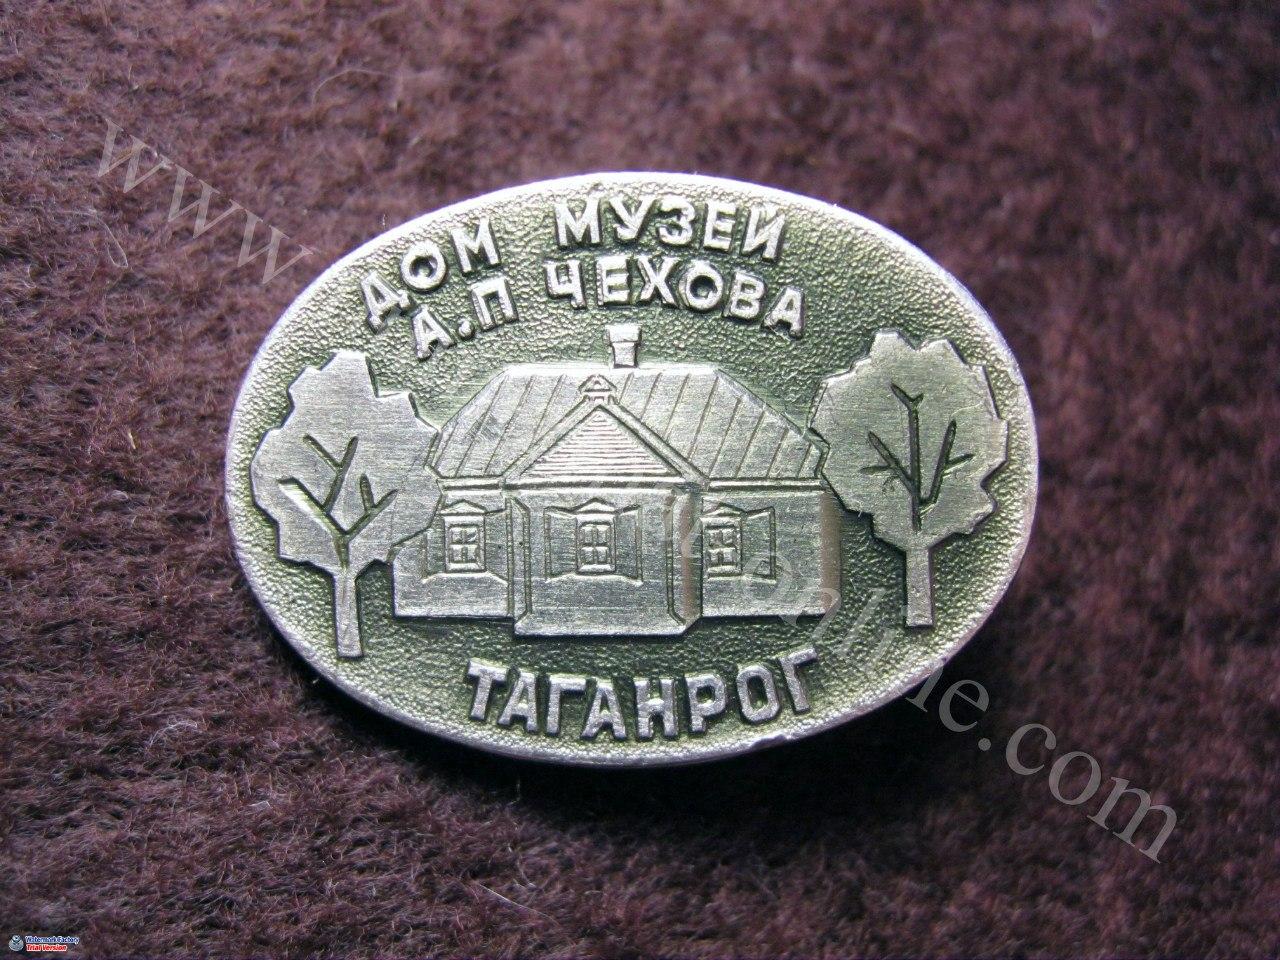 Памятный знак. Таганрог дом-музей имени А. П. Чехова